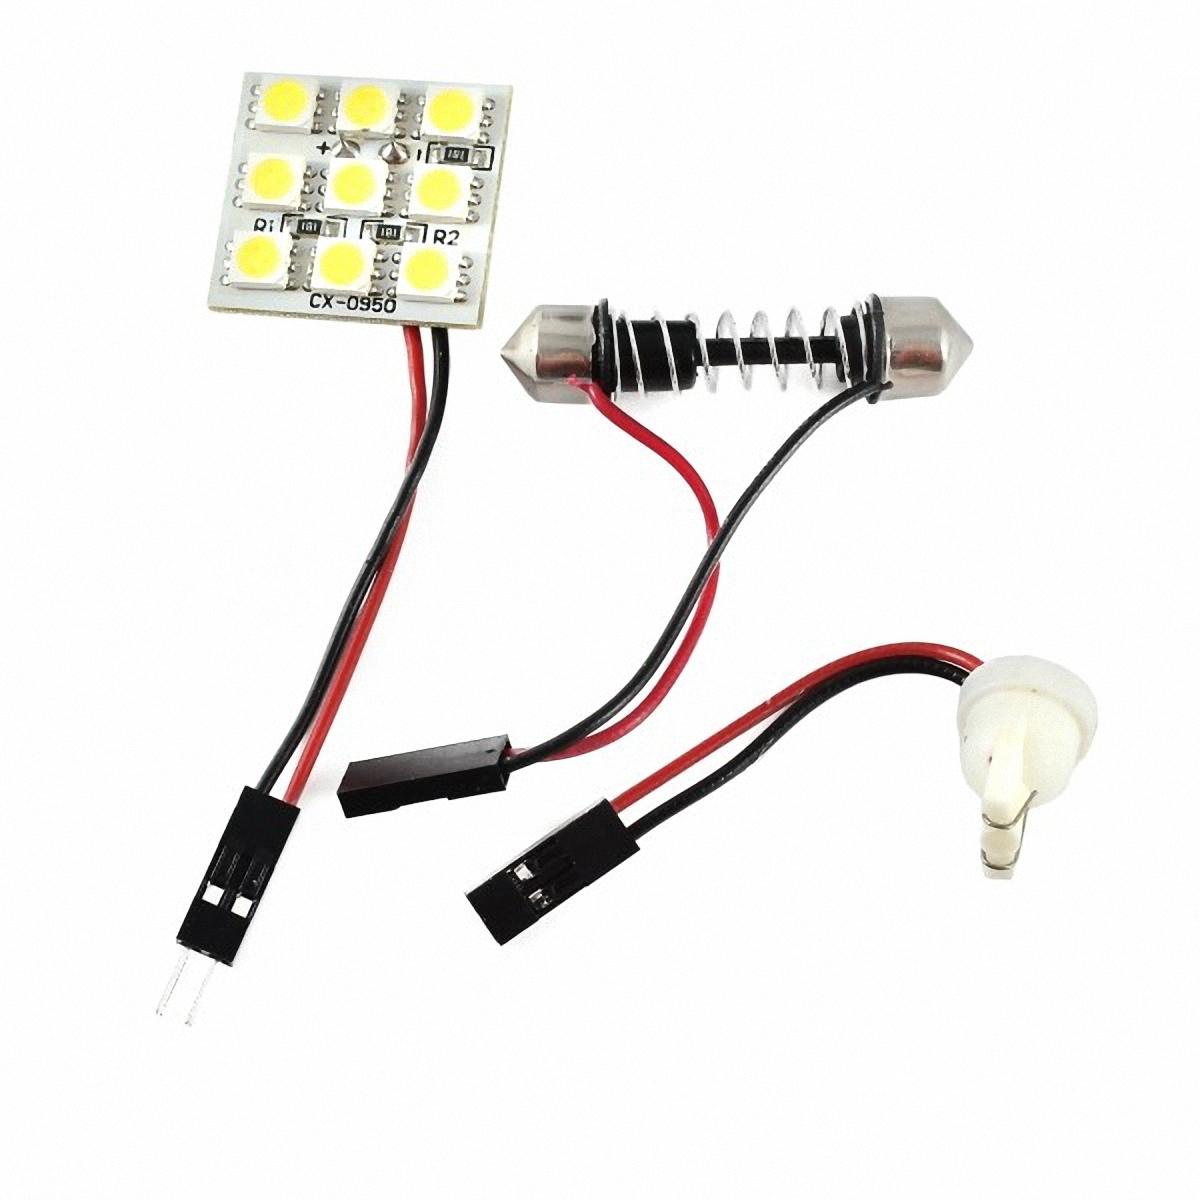 Skyway Панель светодиодная 9 SMD диодов Белая. SCX-0950SCX-0950Светодиодные панели имеют значительно больший срок службы, потребляют намного меньше электроэнергии и выдают свет значительно мягче и ровнее, чем те же люминесцентные лампы, не говоря уже о лампах накаливания. Они очень удобны, легко вставляются и достаточно практичны.